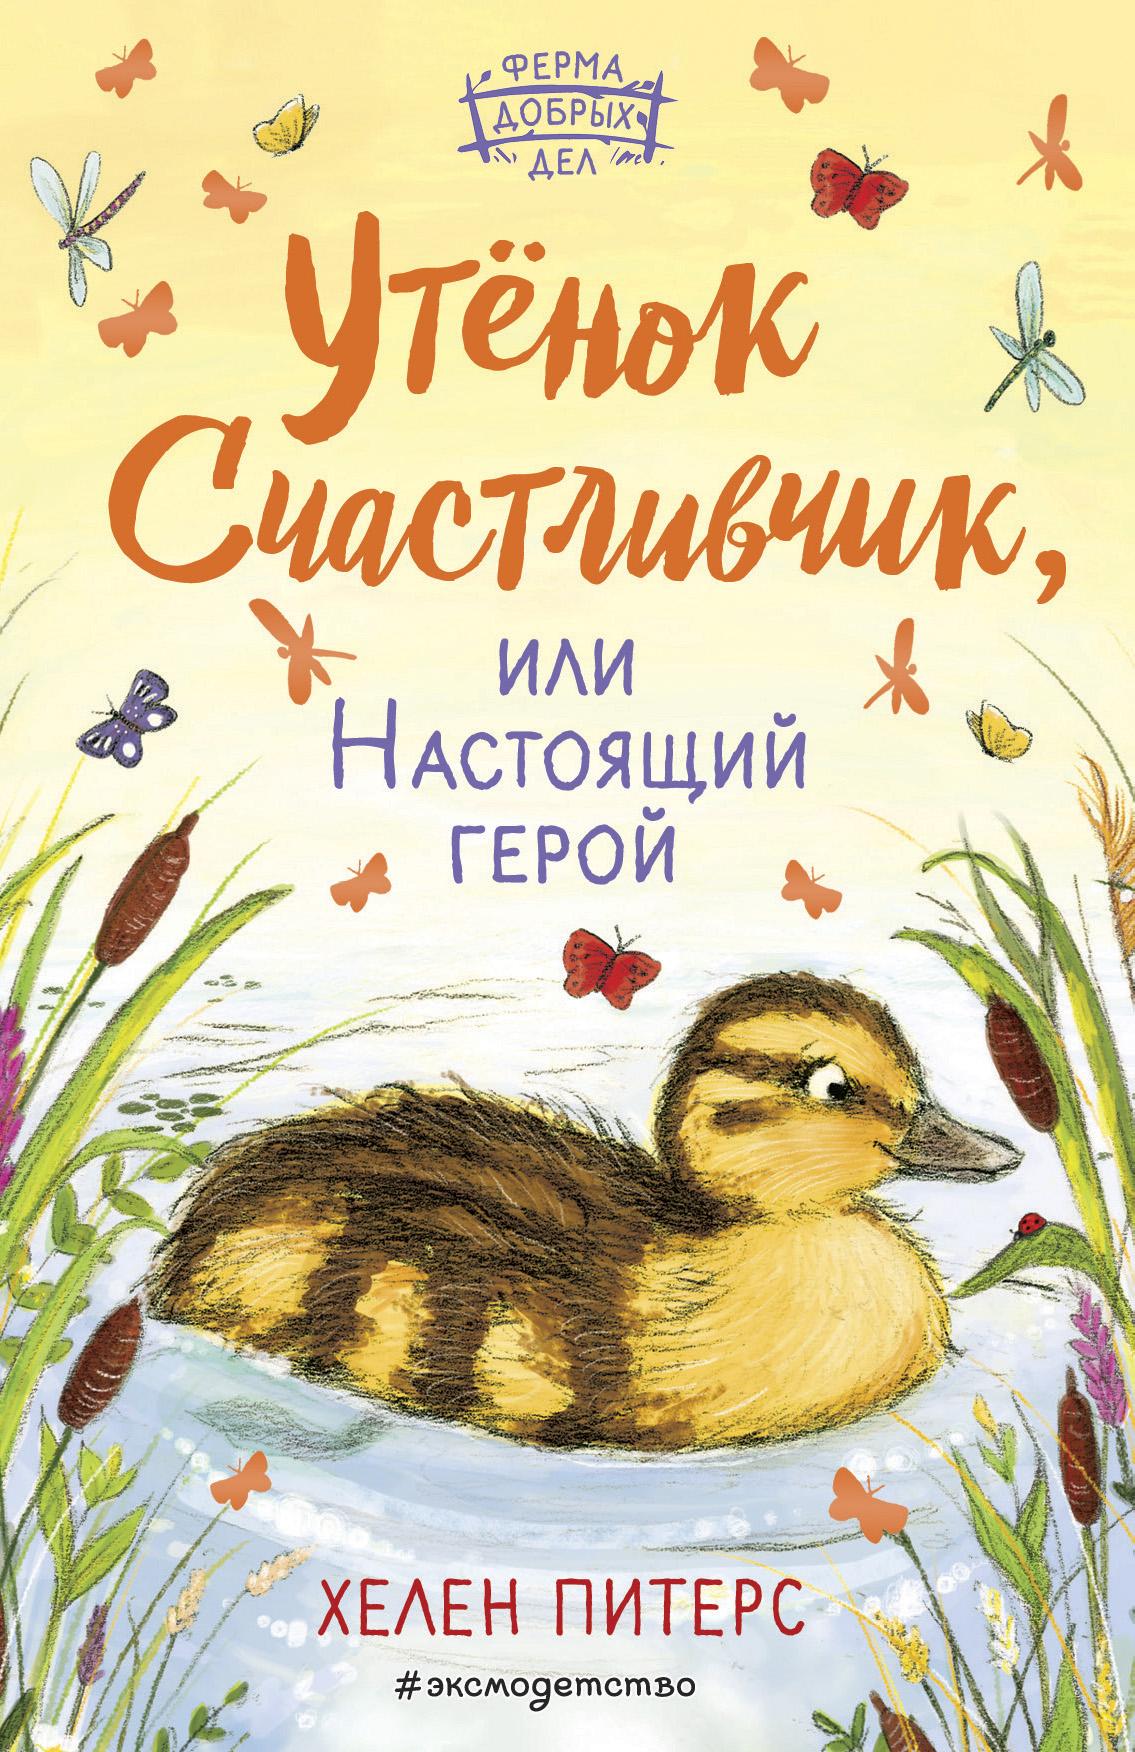 Купить книгу Утёнок Счастливчик, или Настоящий герой, автора Хелен Питерс